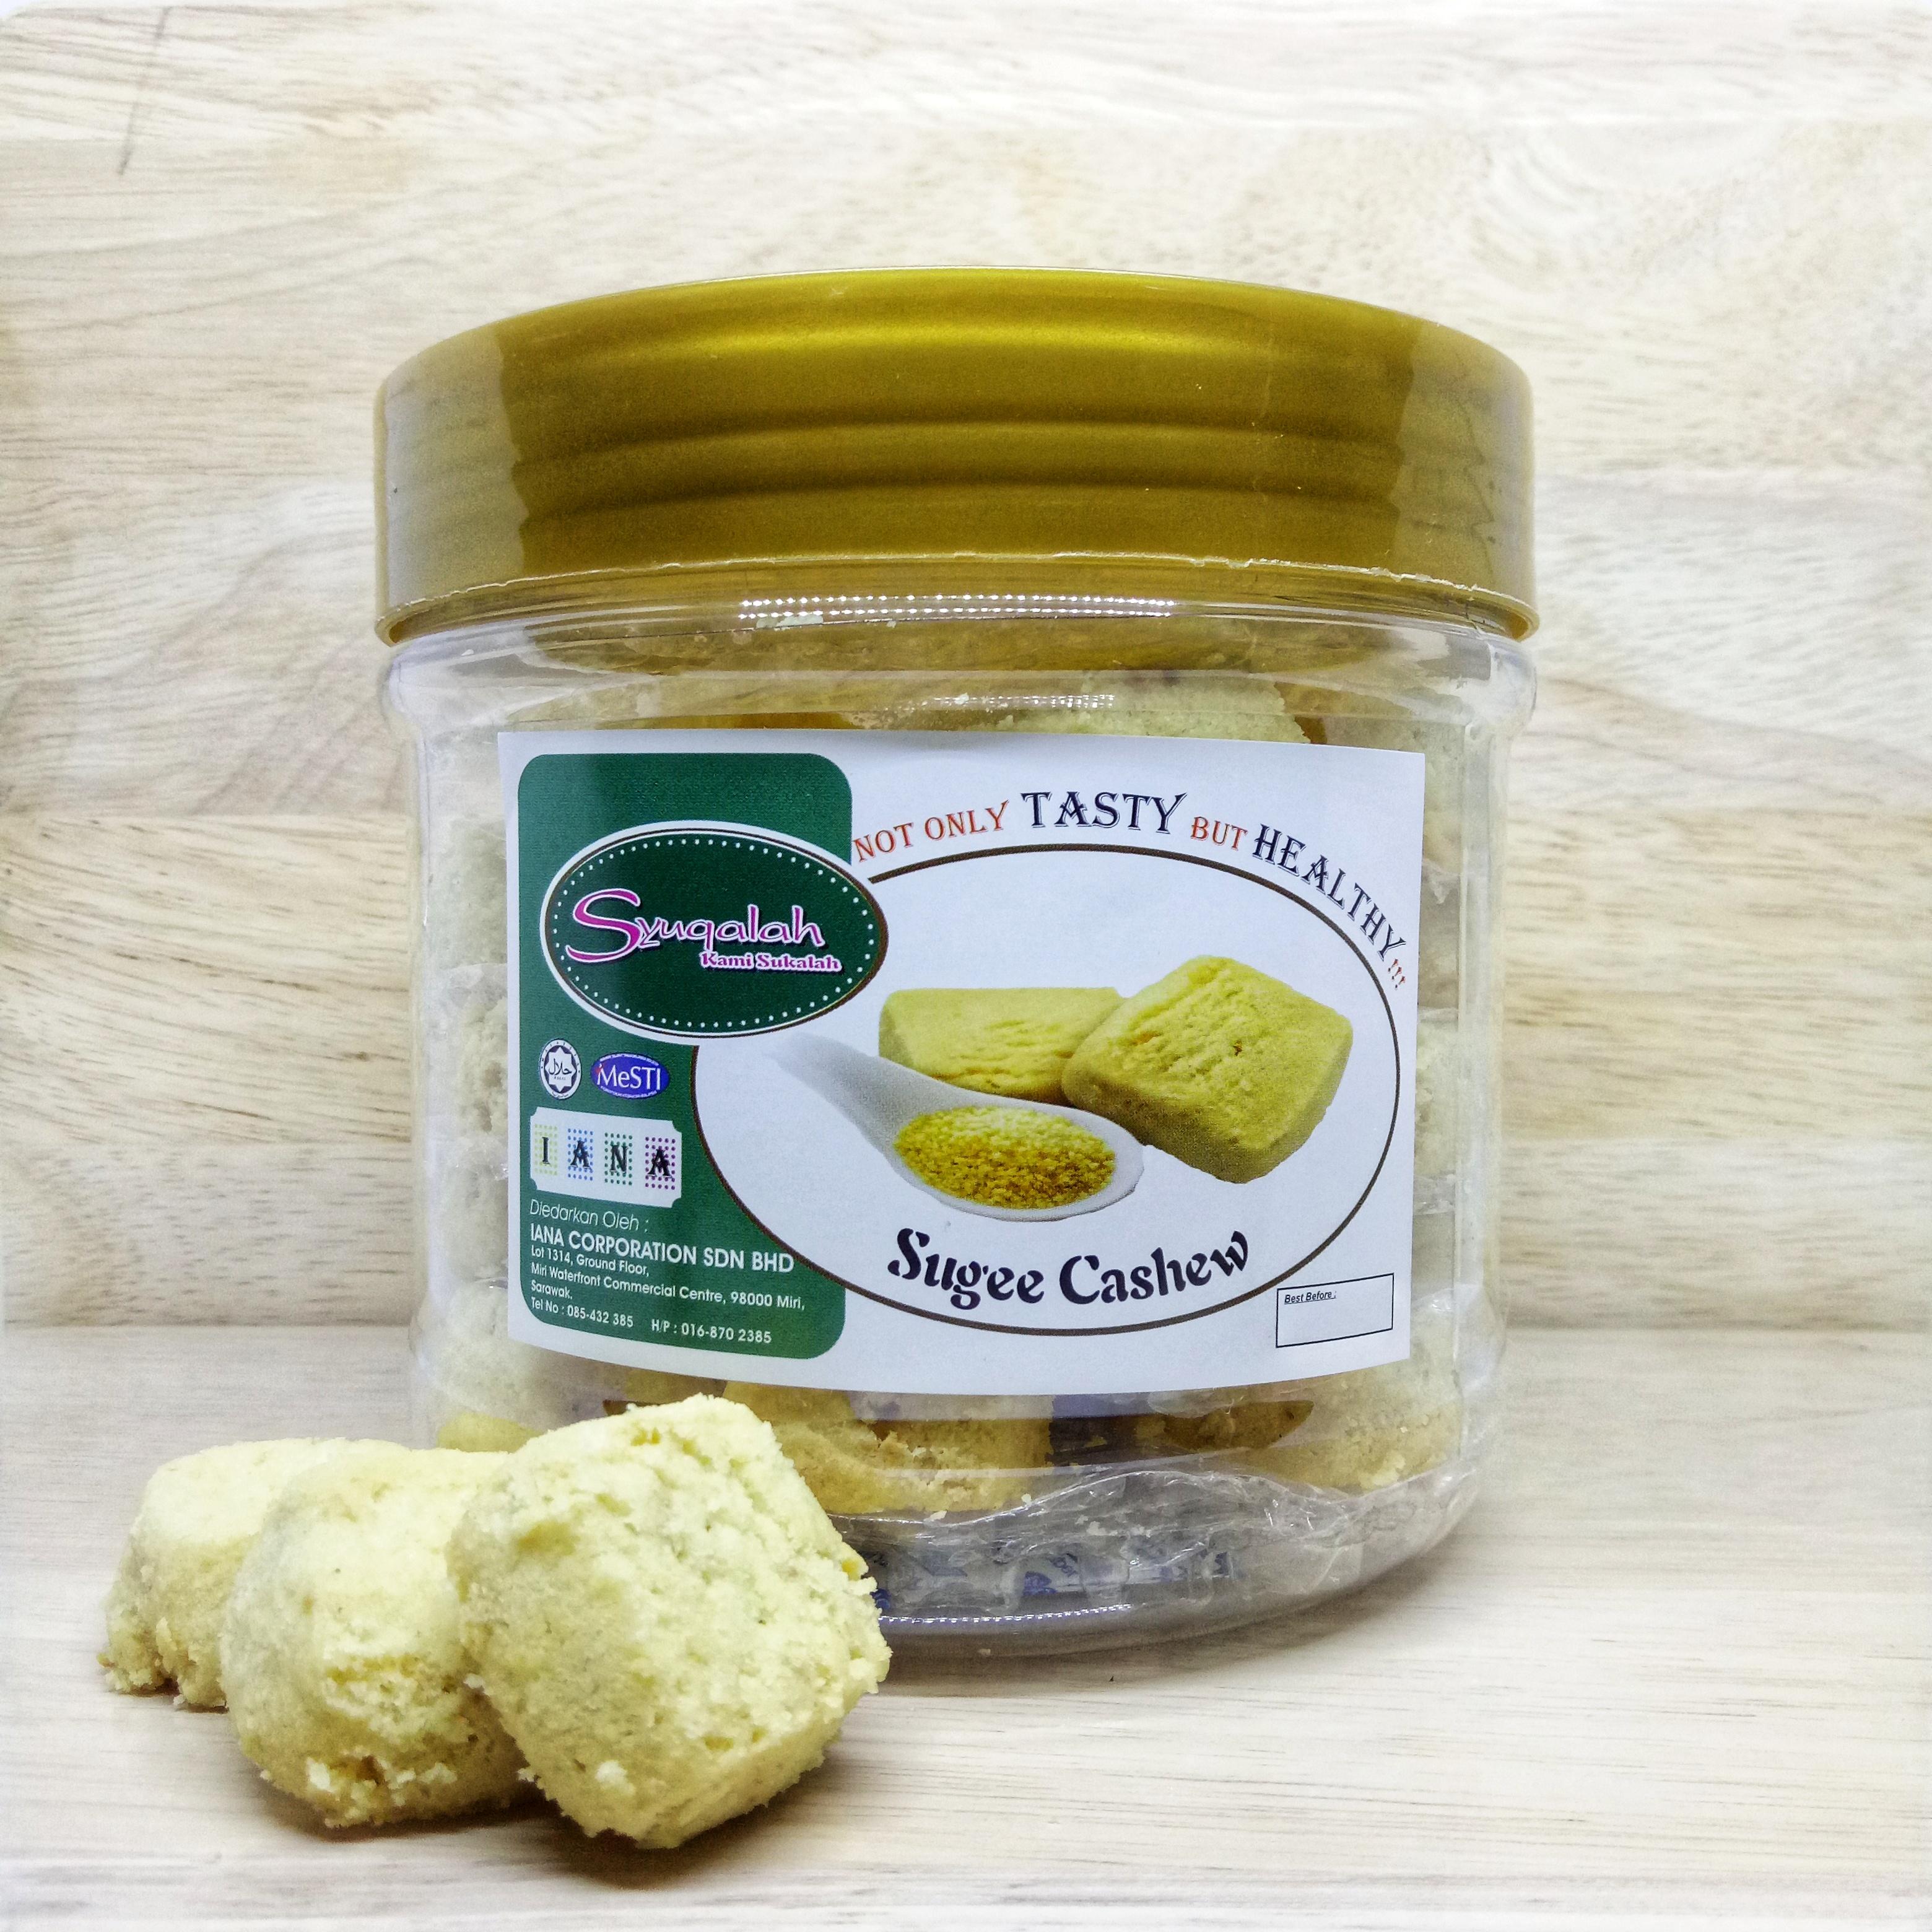 Sugee Cashew Cookies